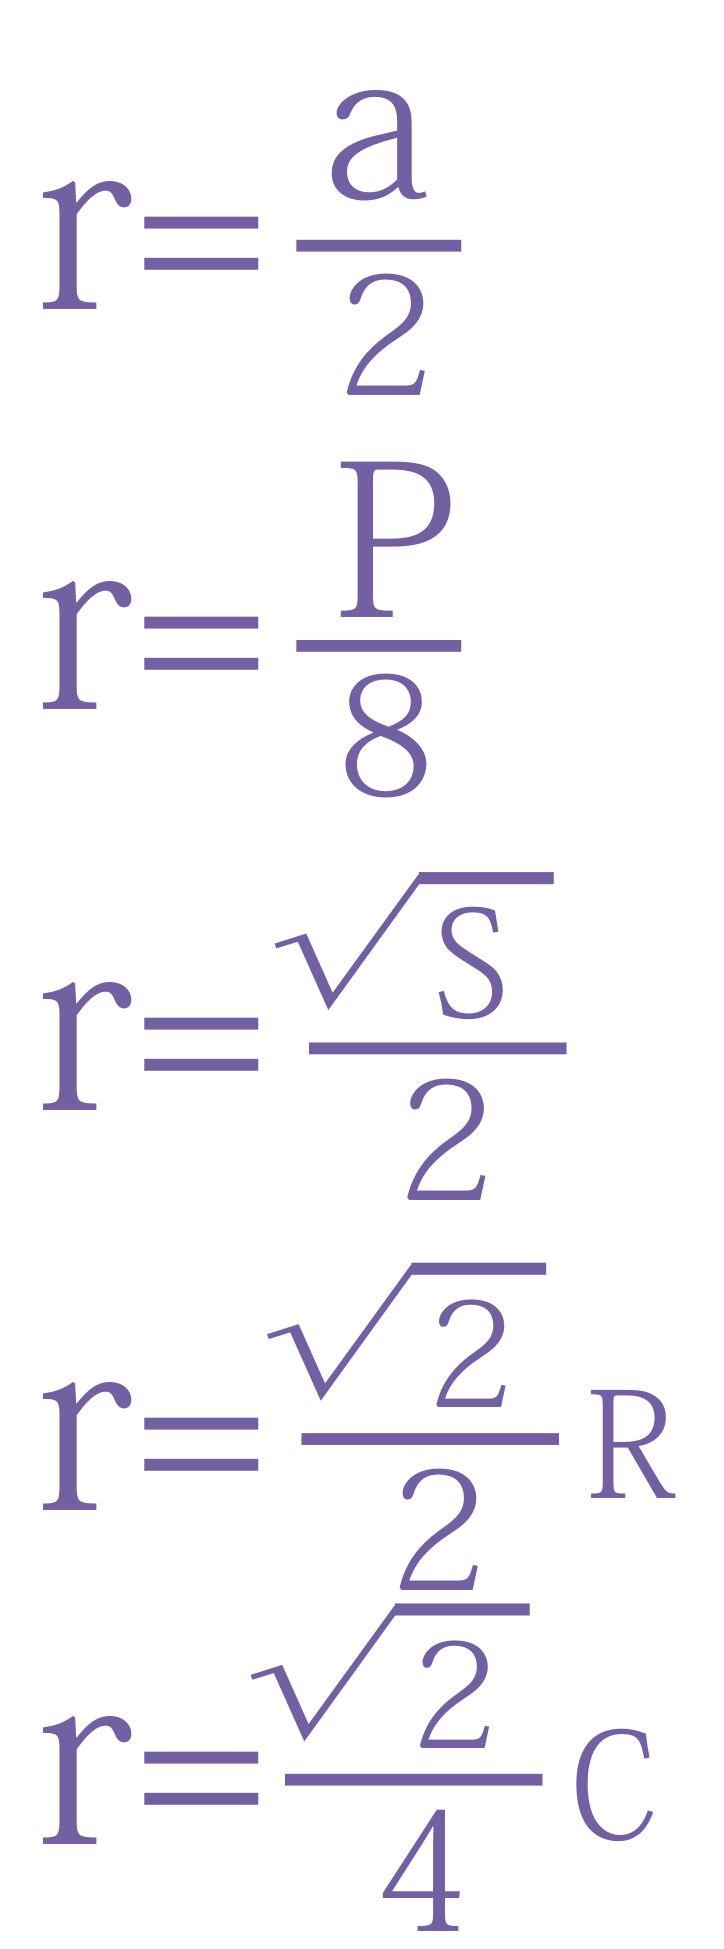 Радиус вписанной в квадрат окружности